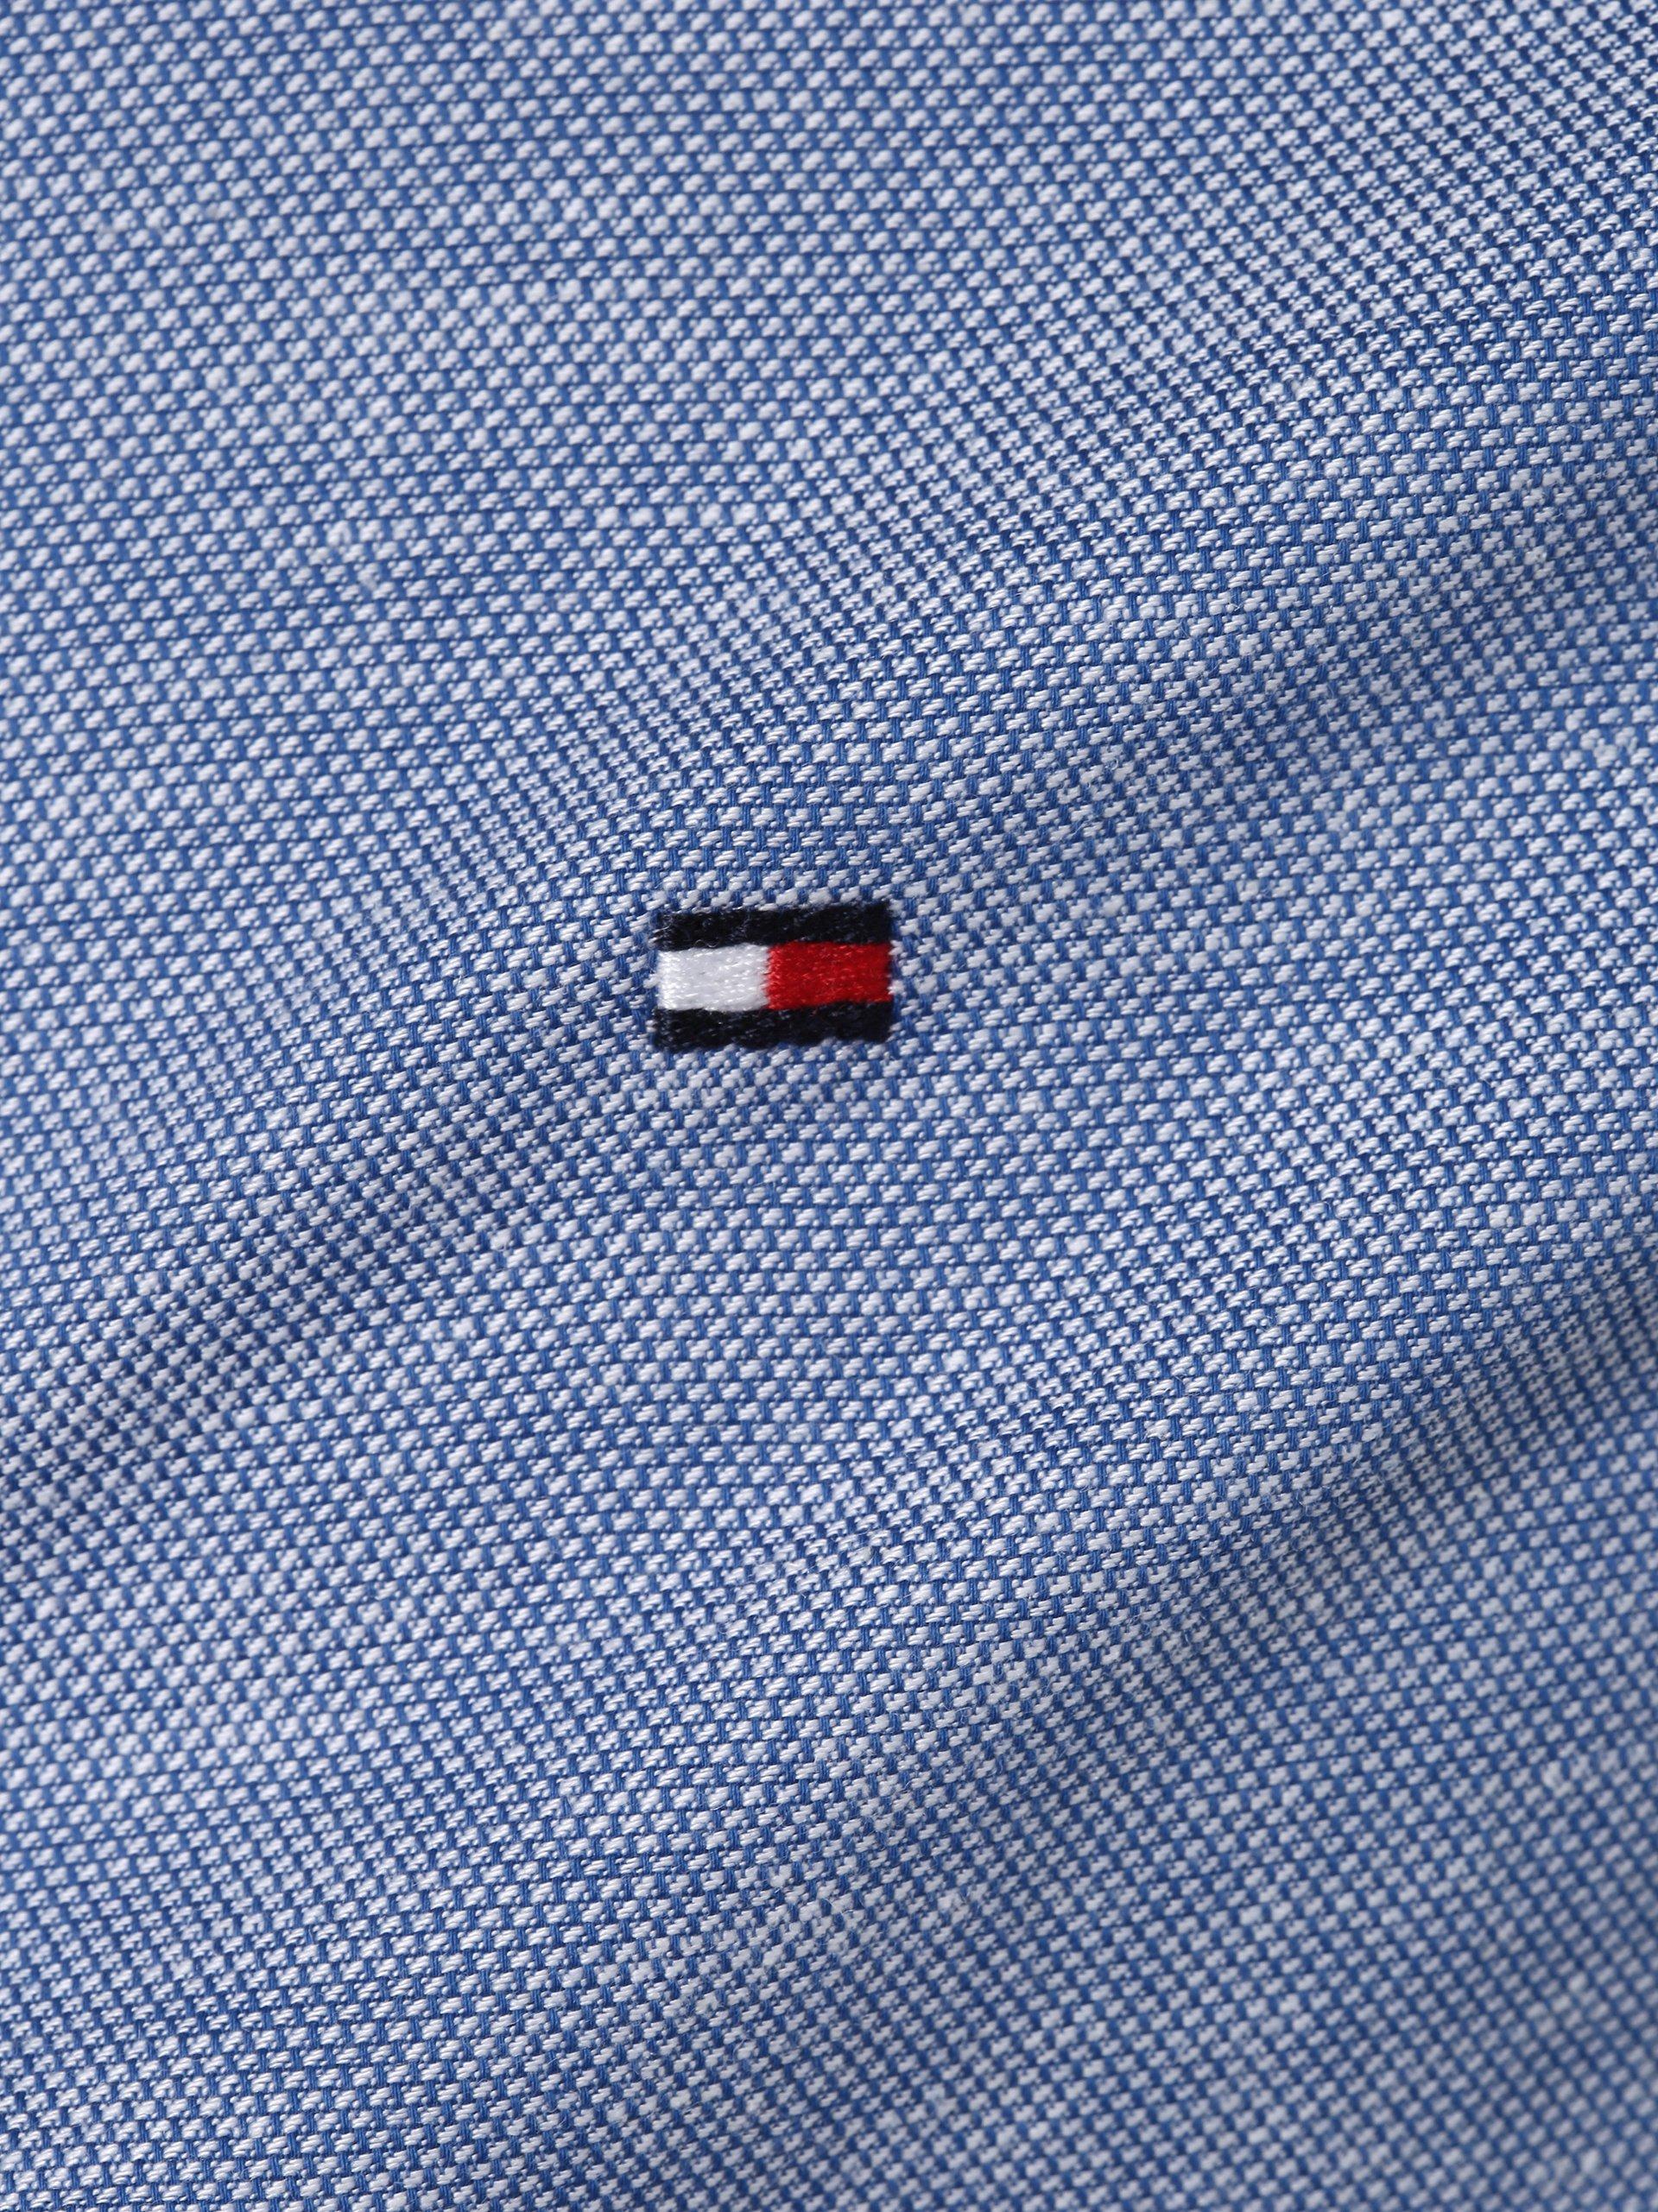 Tommy Hilfiger Koszula męska – niewymagająca prasowania